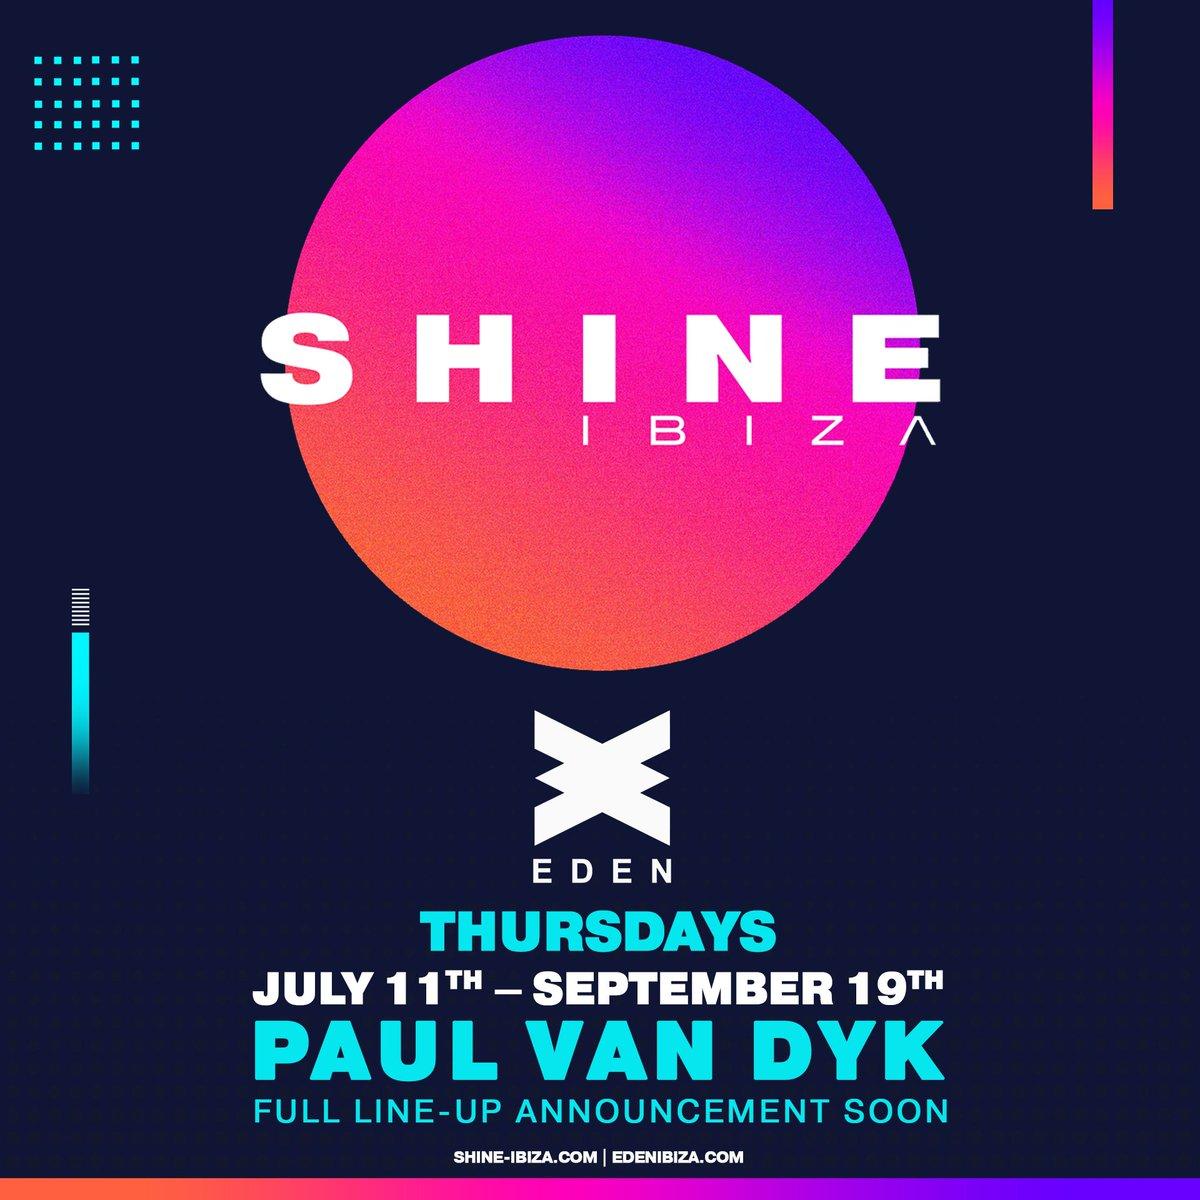 Shine Ibiza 2019